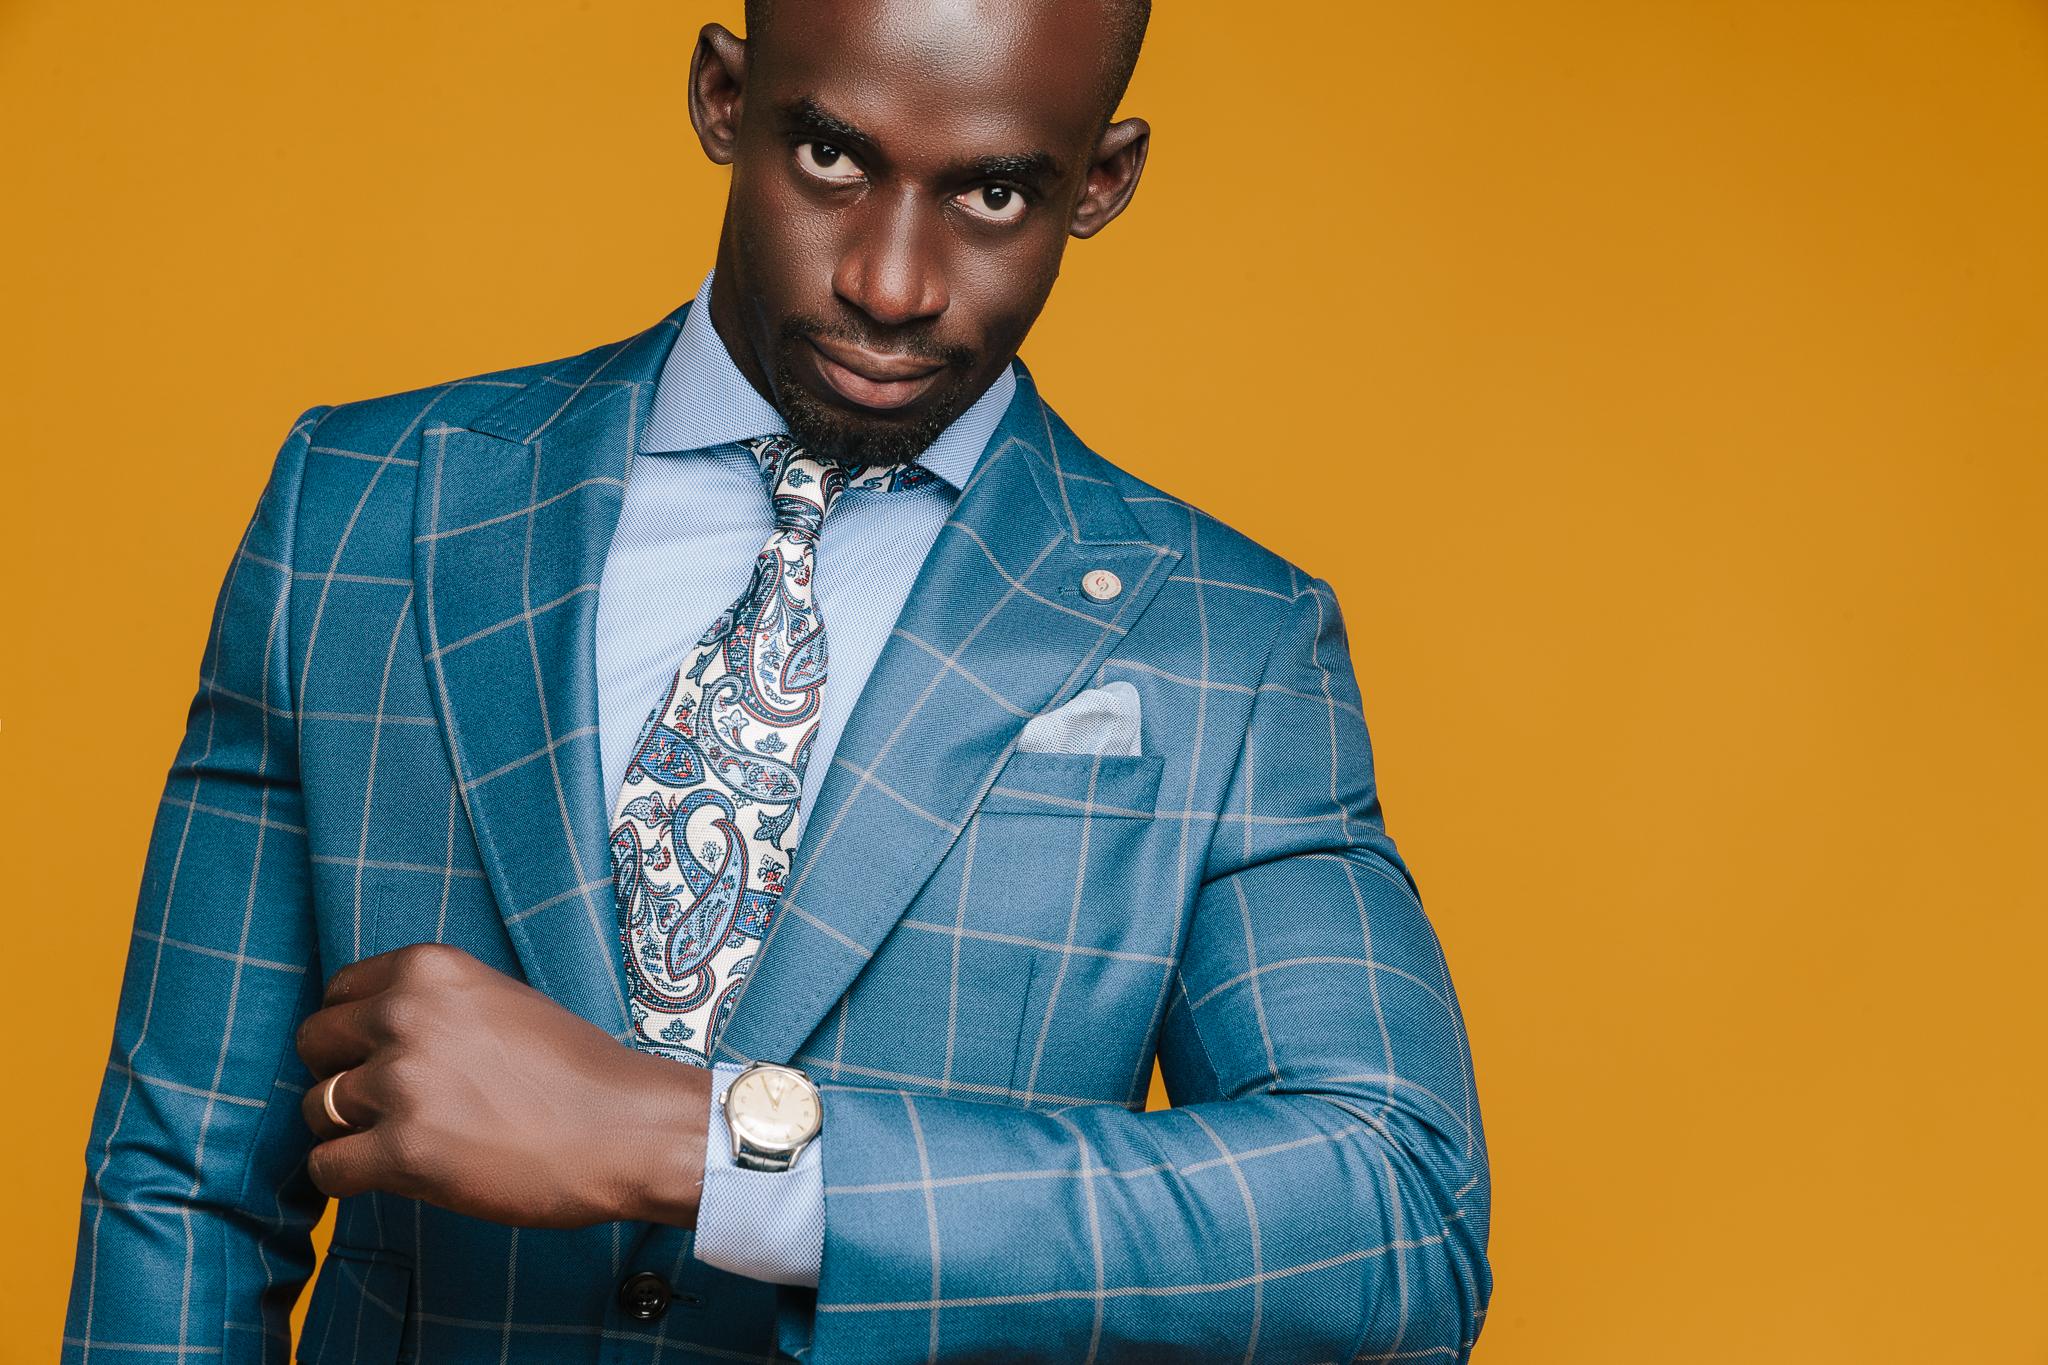 Modebild för Castor Pollux, Man med klocka, reklam